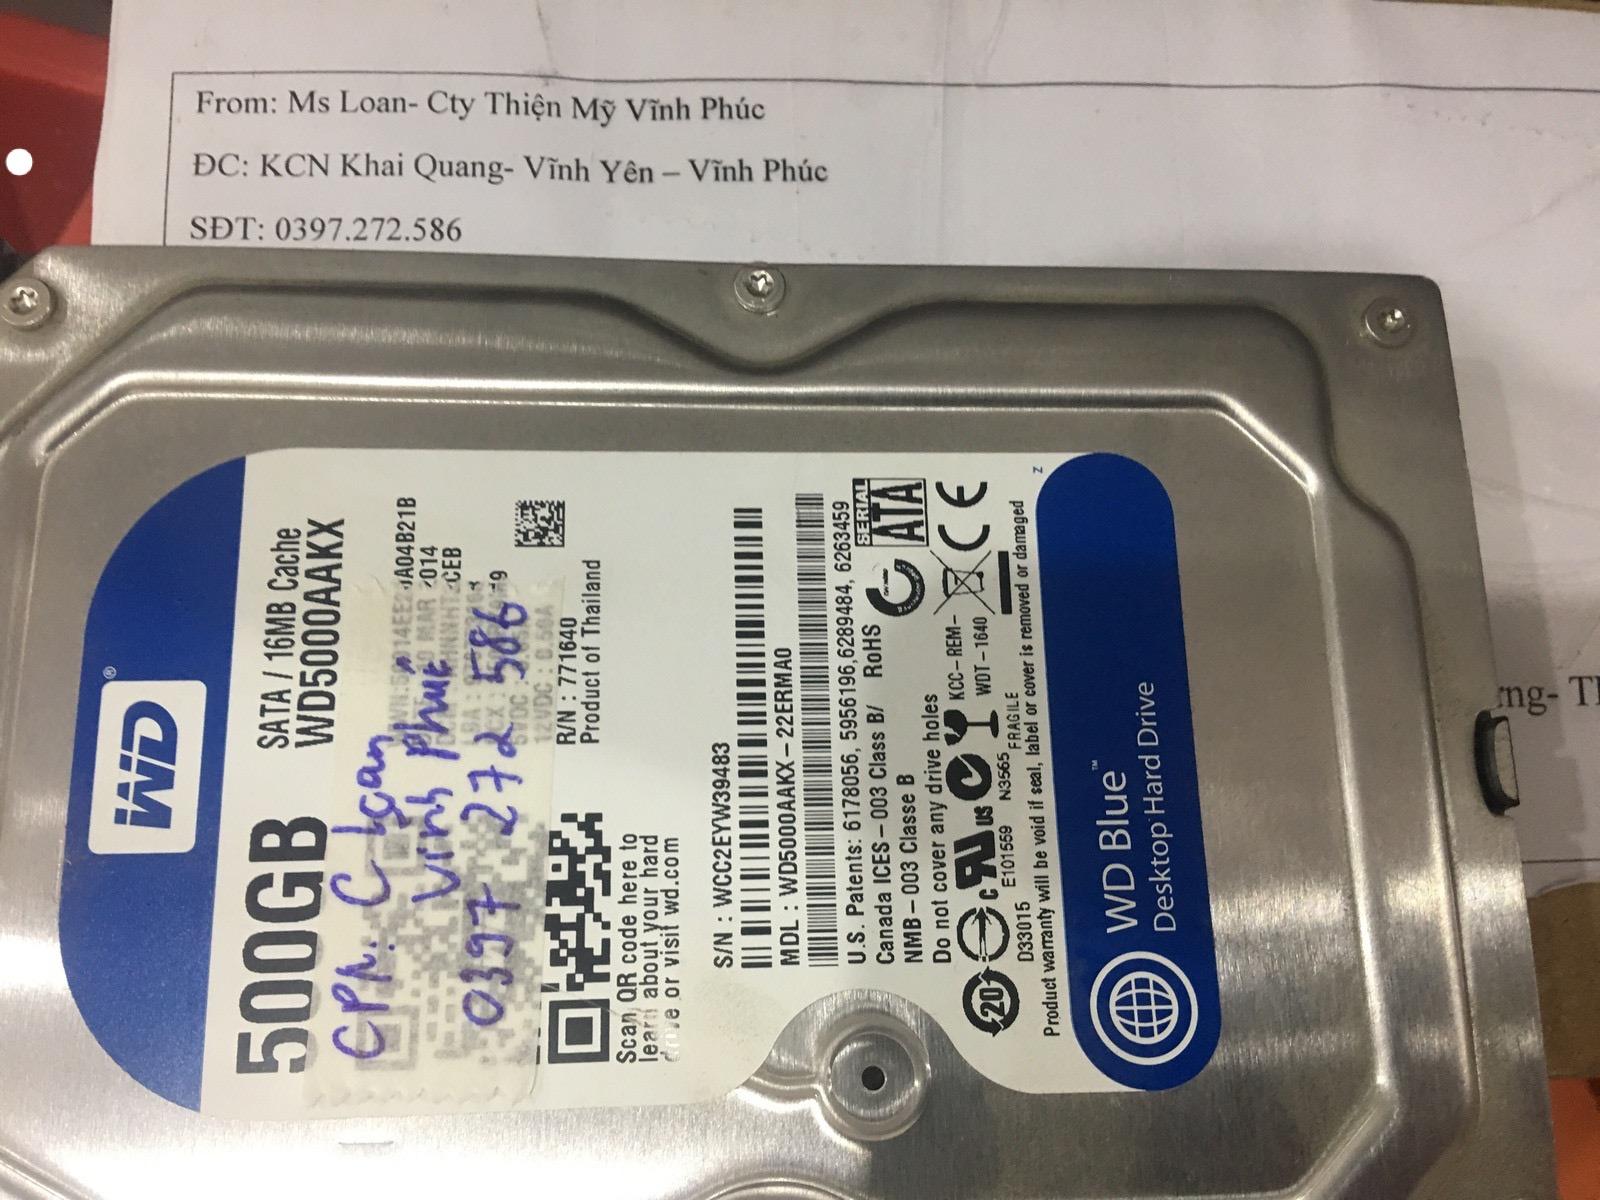 Cứu dữ liệu ổ cứng Western 500GB không quay tại Vĩnh Phúc 02/06/2020 - cuumaytinh